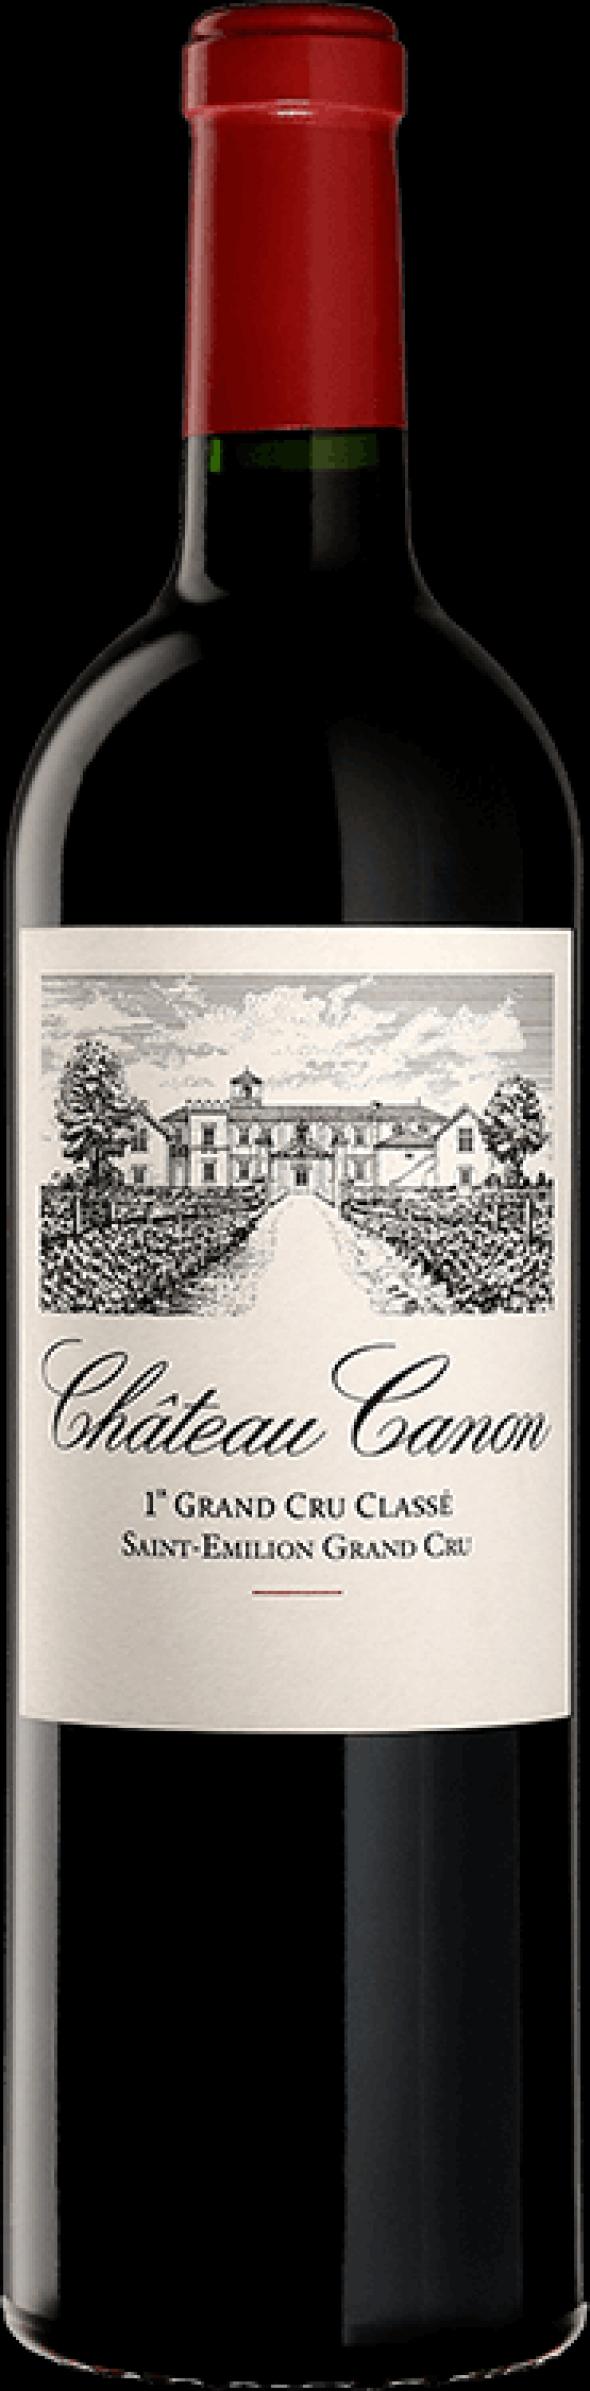 Chateau Canon Premier Grand Cru Classe B, Saint-Emilion Grand Cru